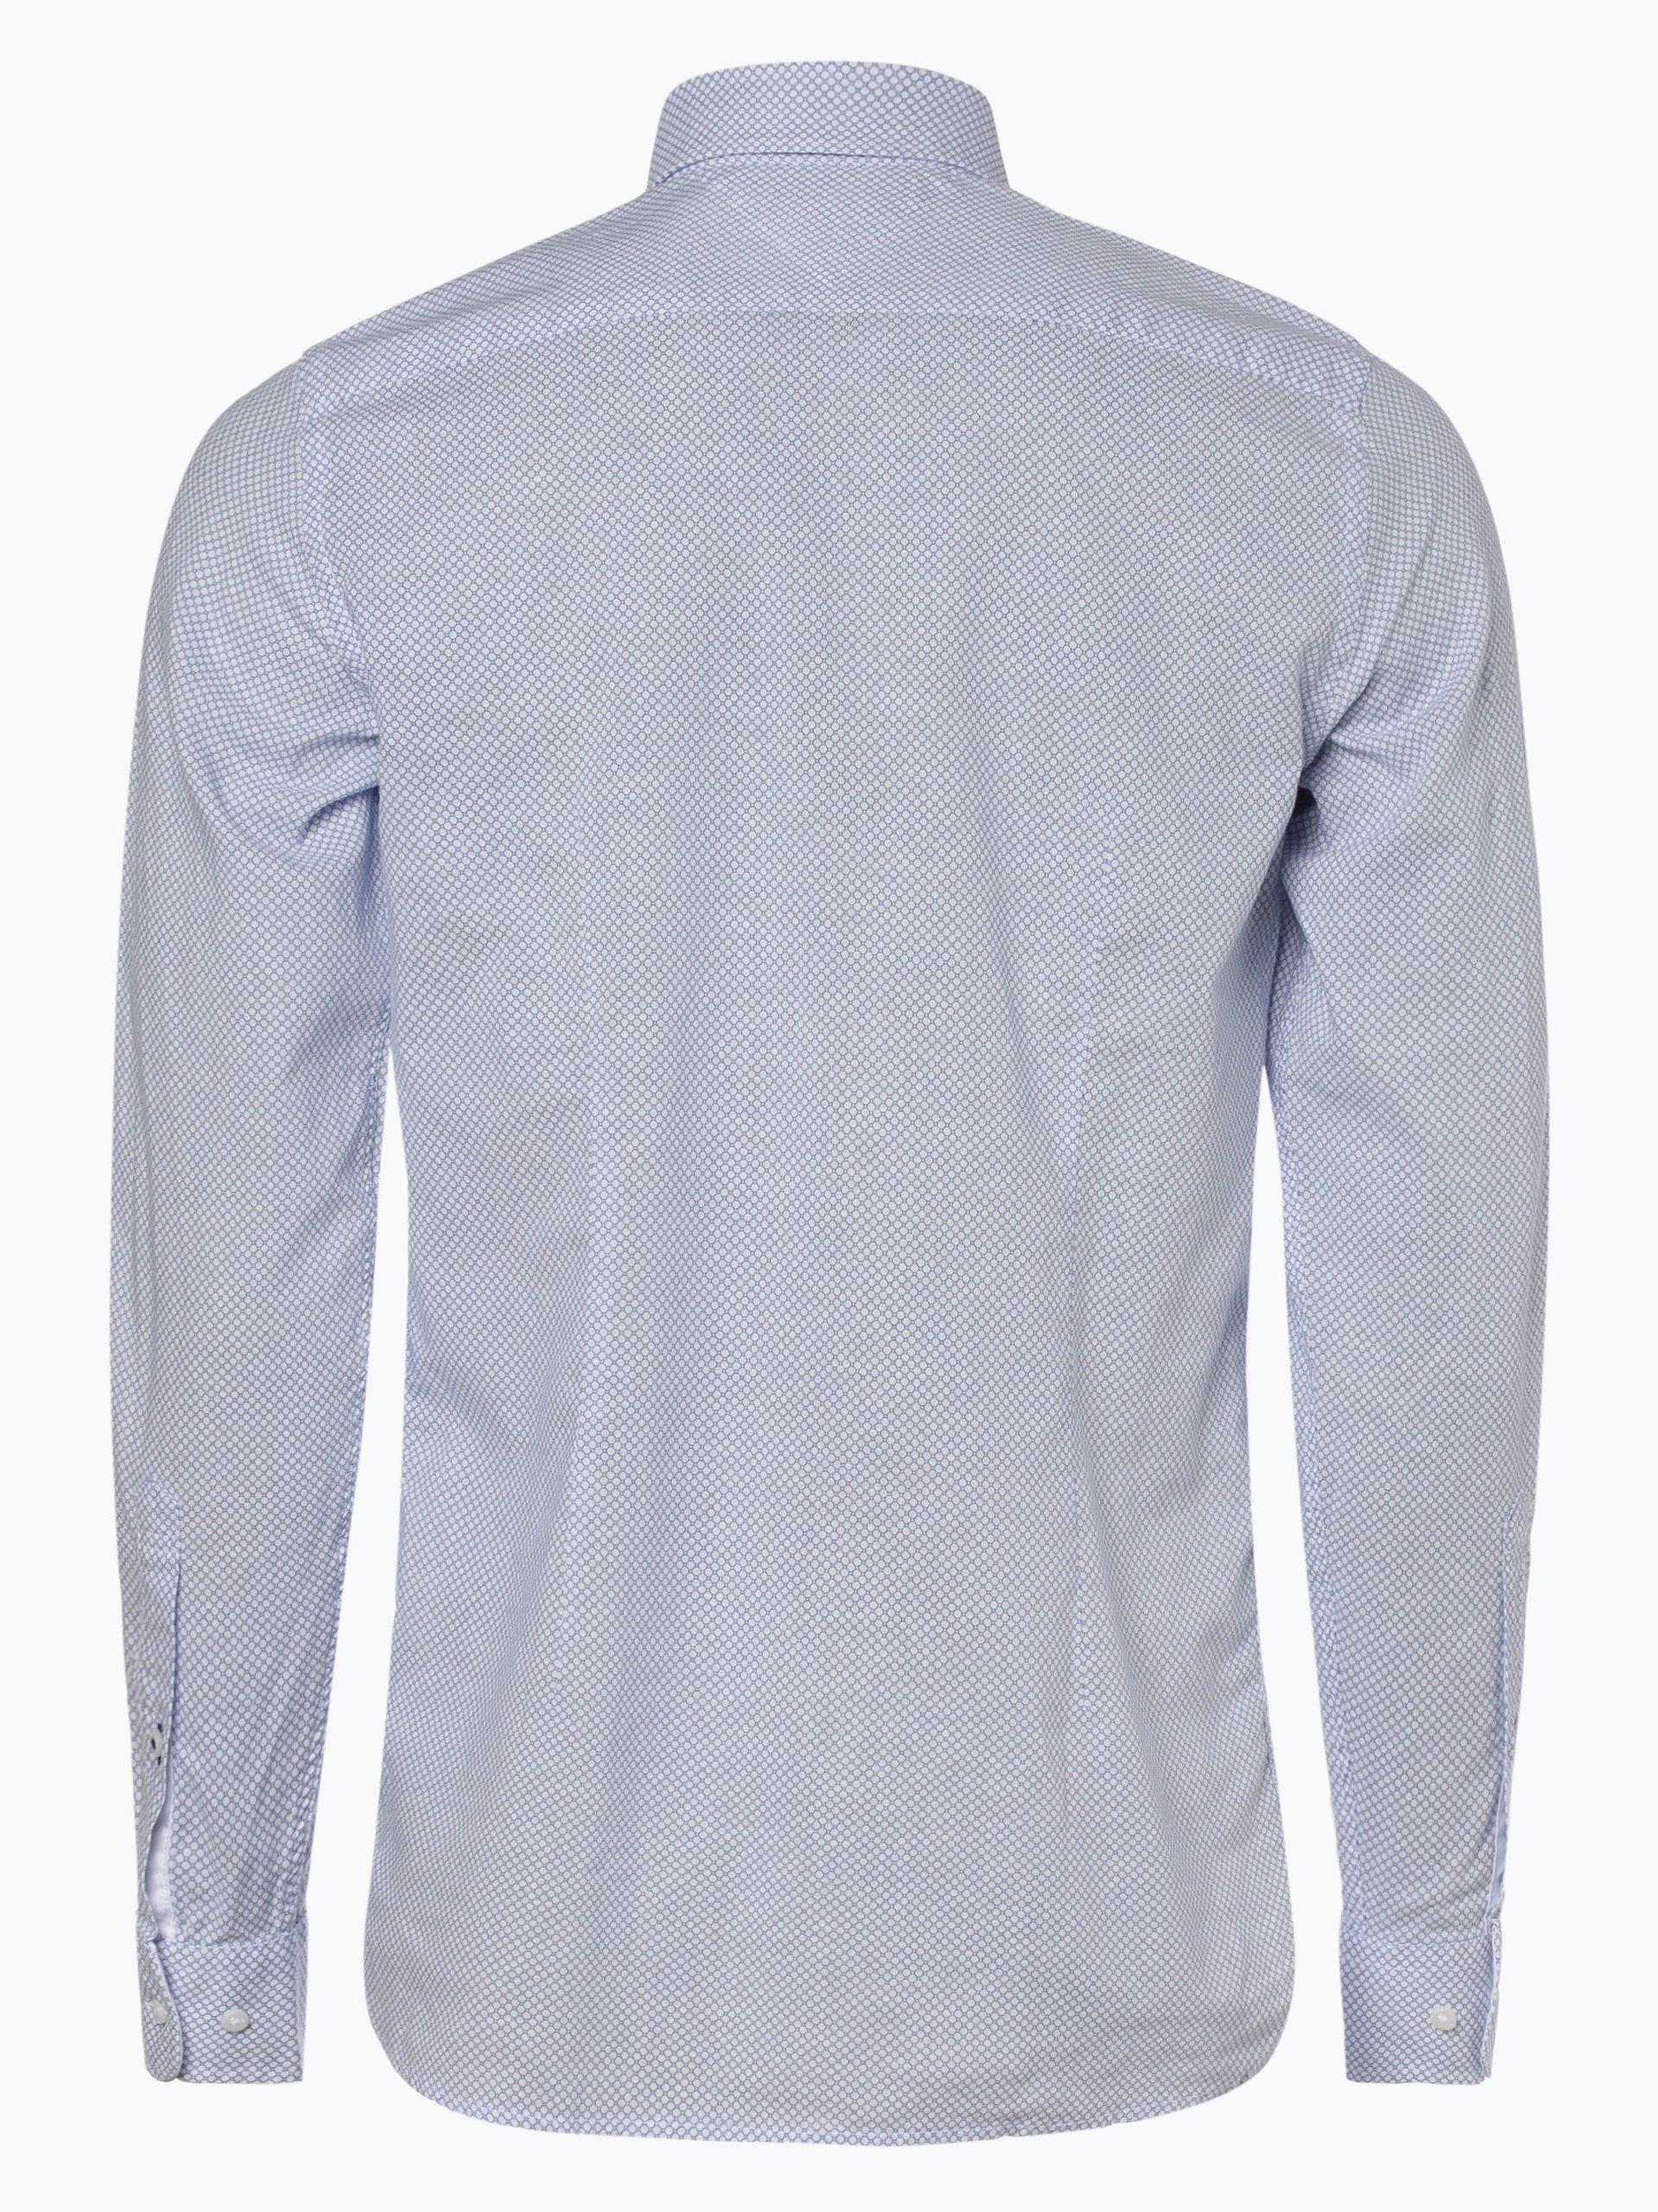 Tommy Hilfiger Herren Hemd mit Leinen-Anteil